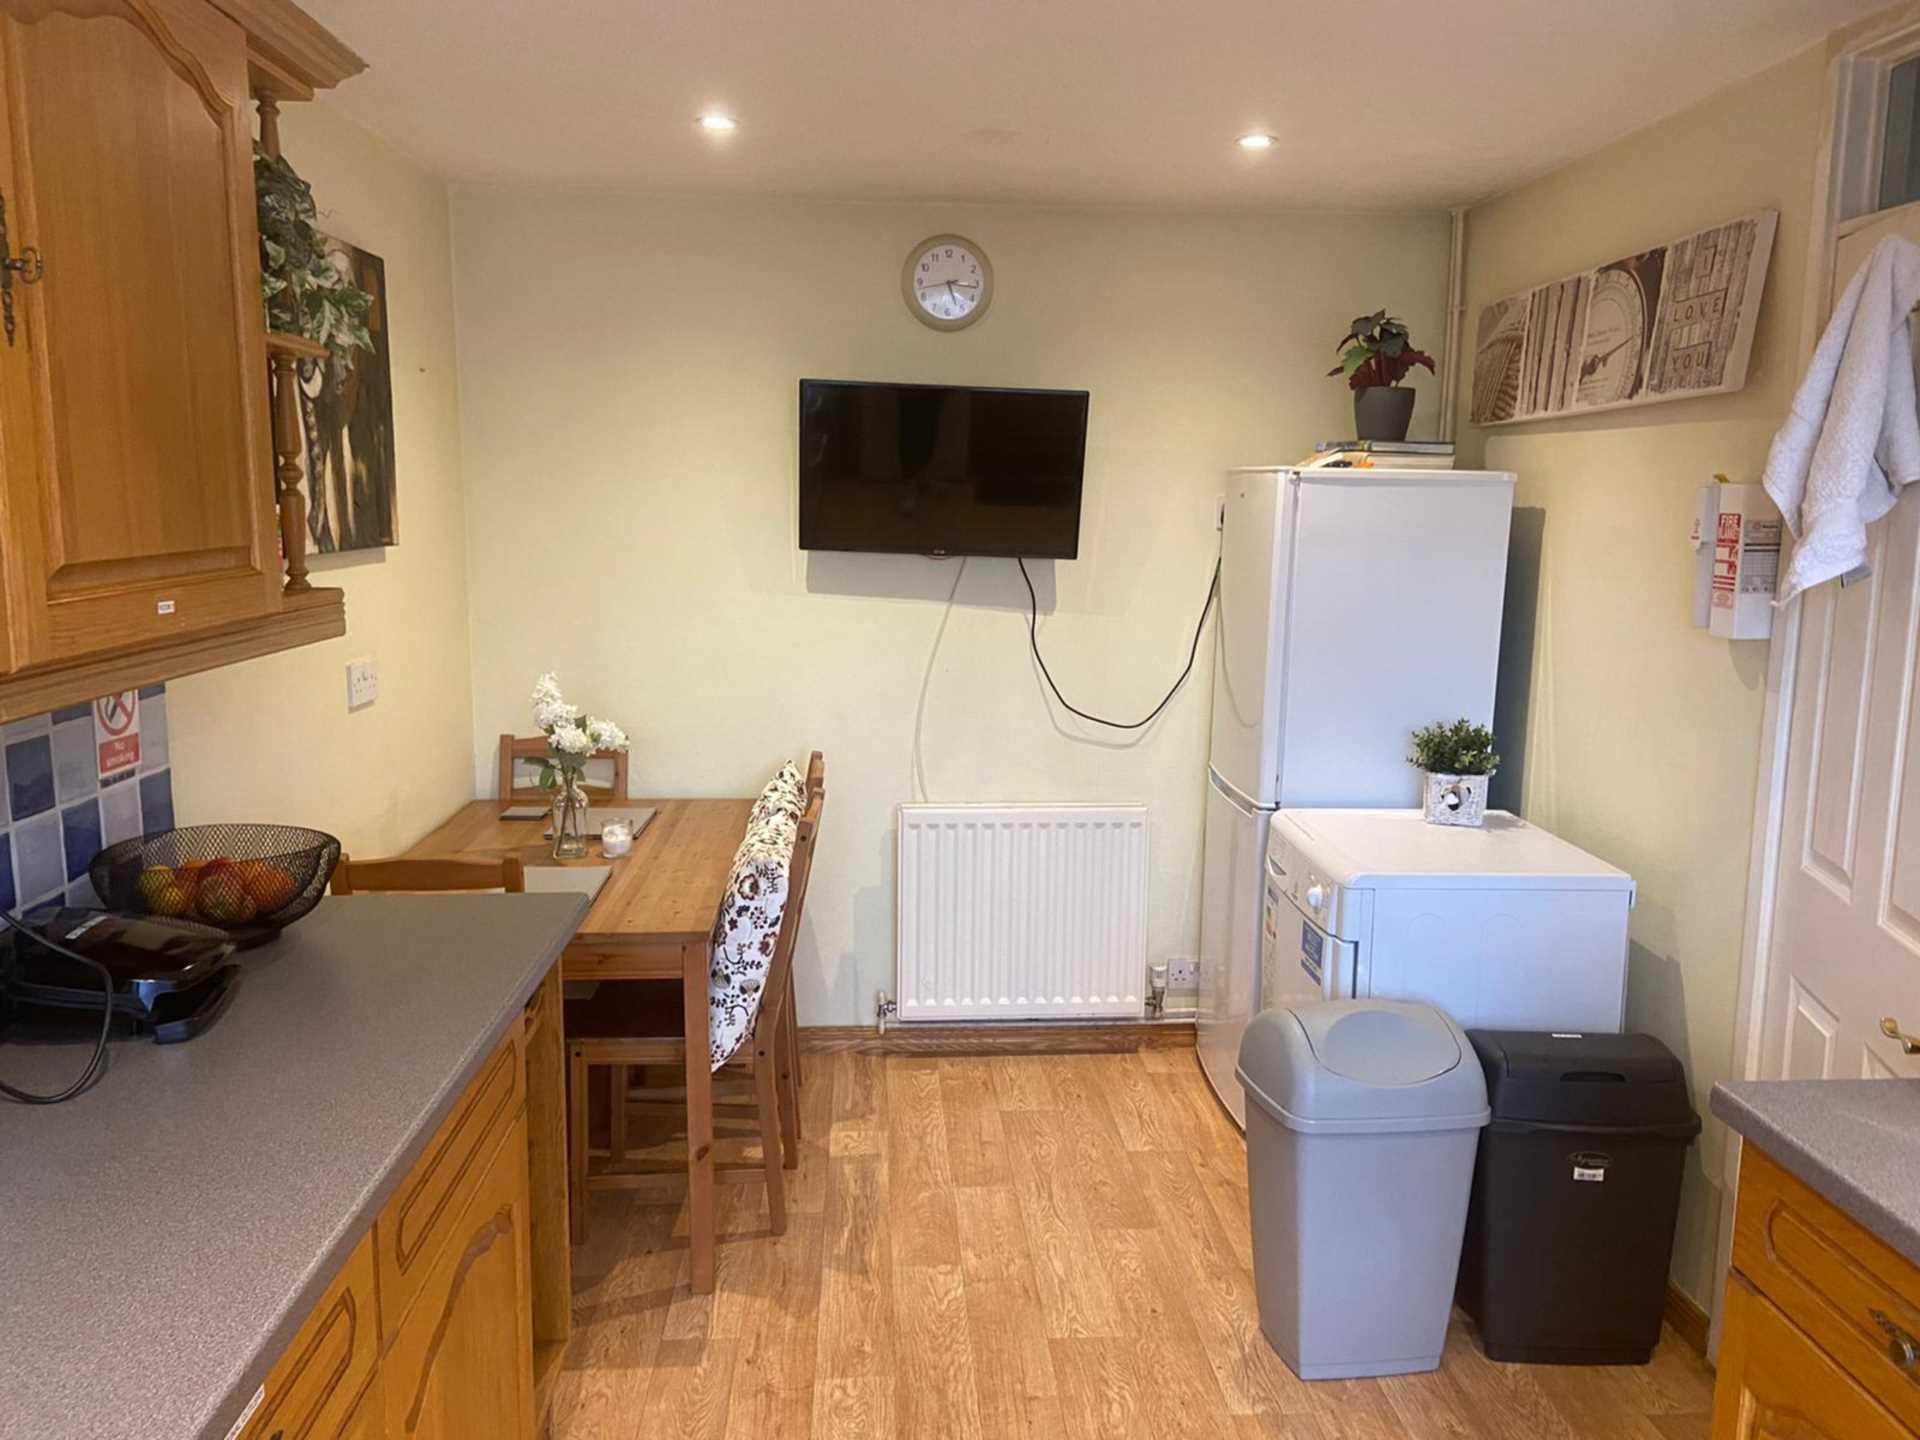 Room 4, 1 Windsor Close, Onslow Village, Guildford, GU2 7QU, Image 9